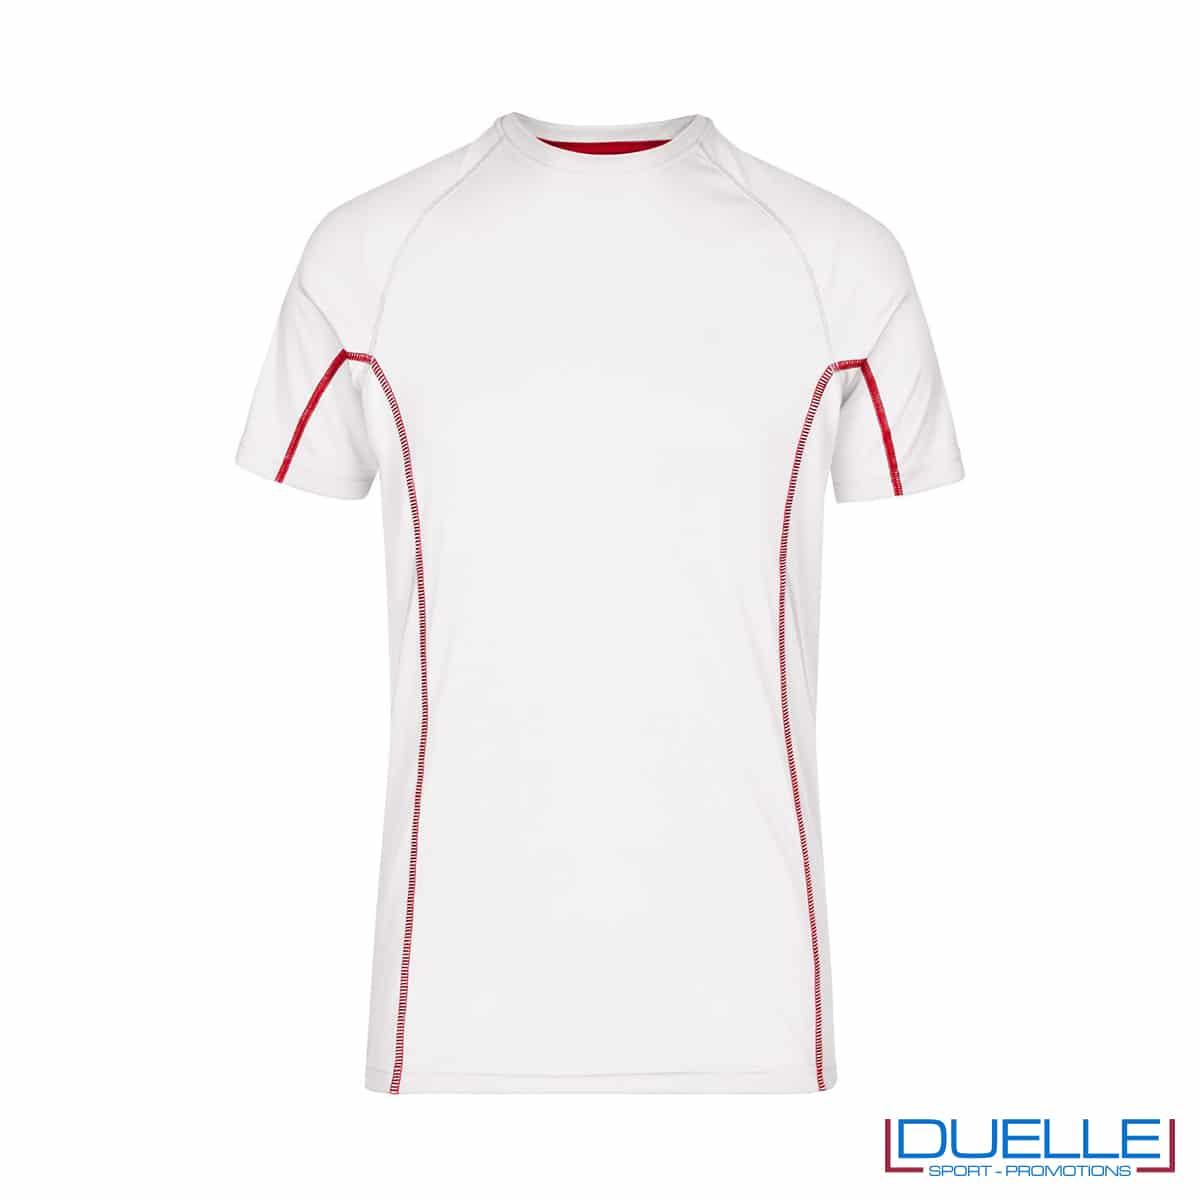 Maglia running Coolmax uomo colore bianco/rosso personalizzata